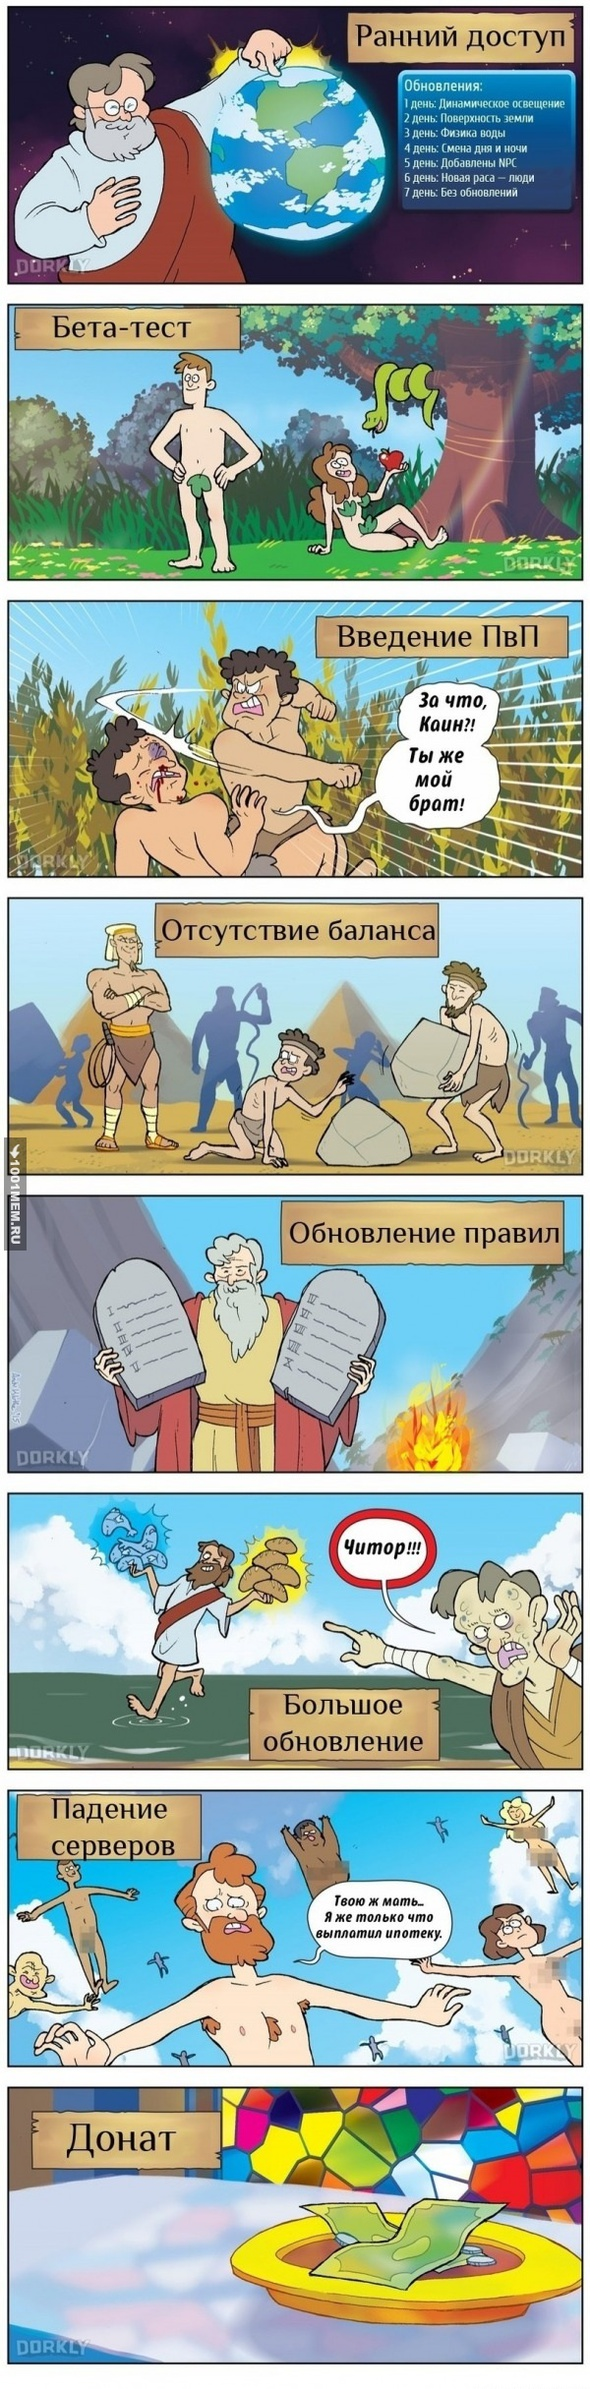 создание приколов: